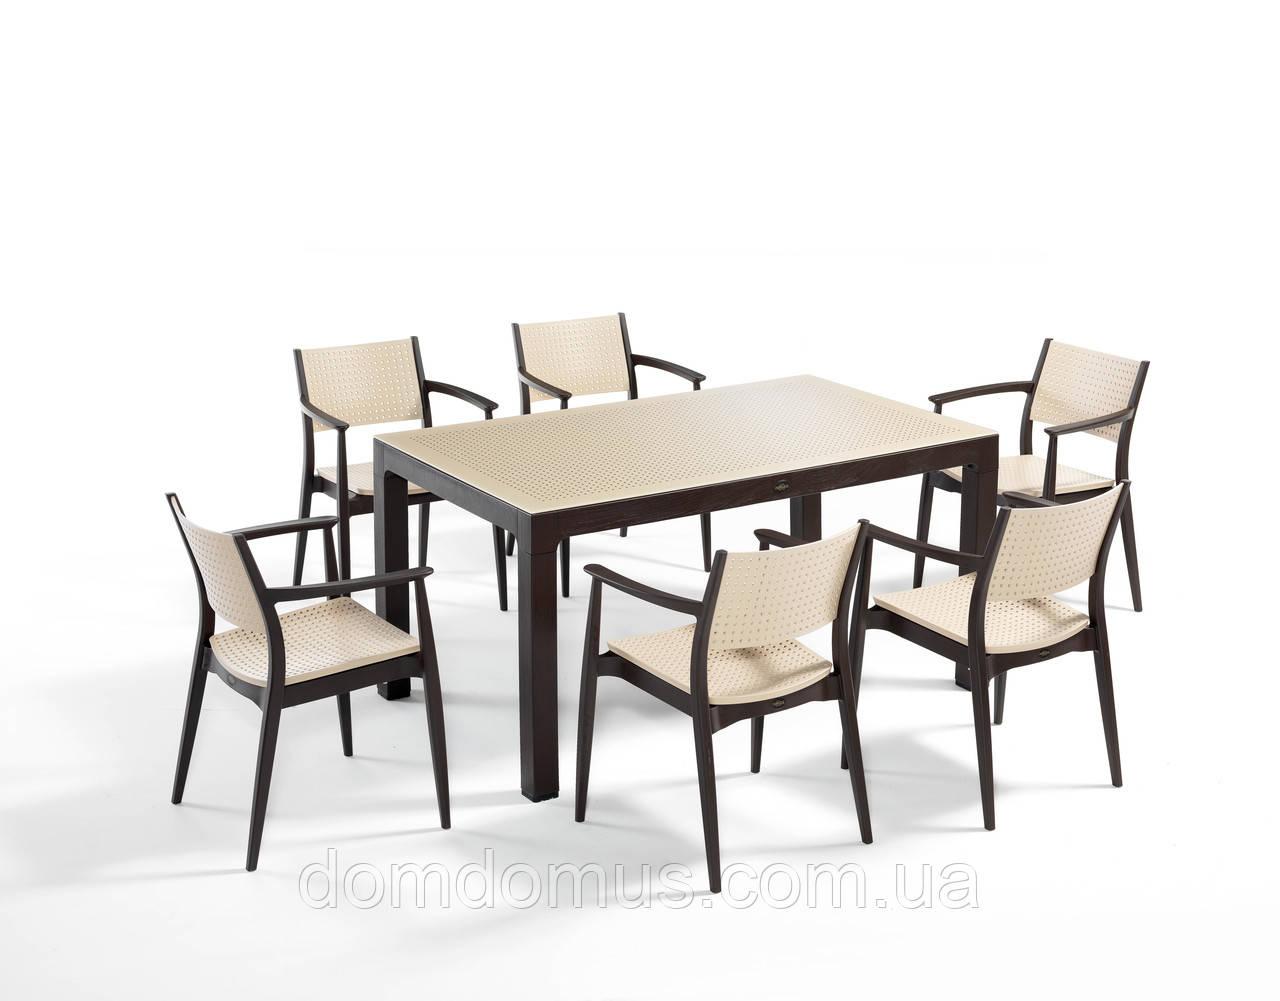 """Комплект высококачественной мебели """" SEGINUS FOR 6""""   (стол 90*150, 6 кресла) Novussi, Турция"""